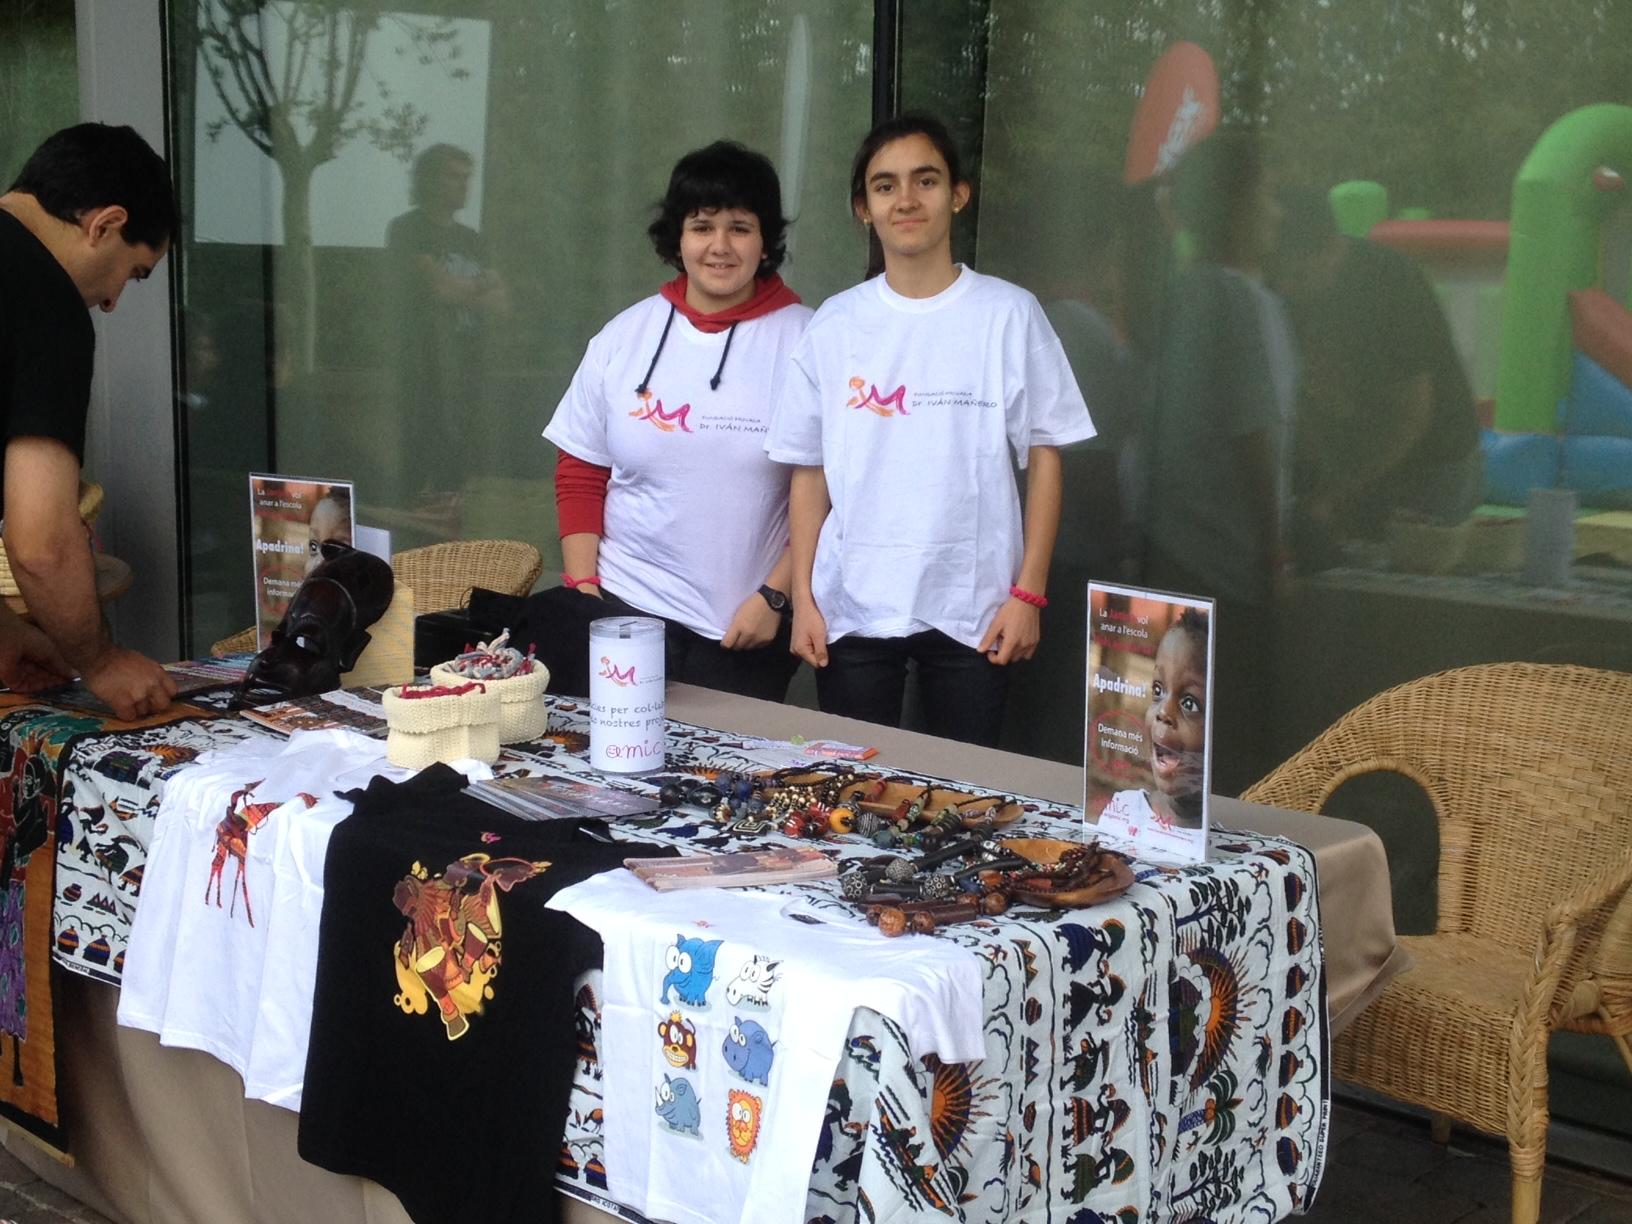 Marta y Ariadna, nuestras jóvenes voluntarias en el taller de pulseras solidarias.